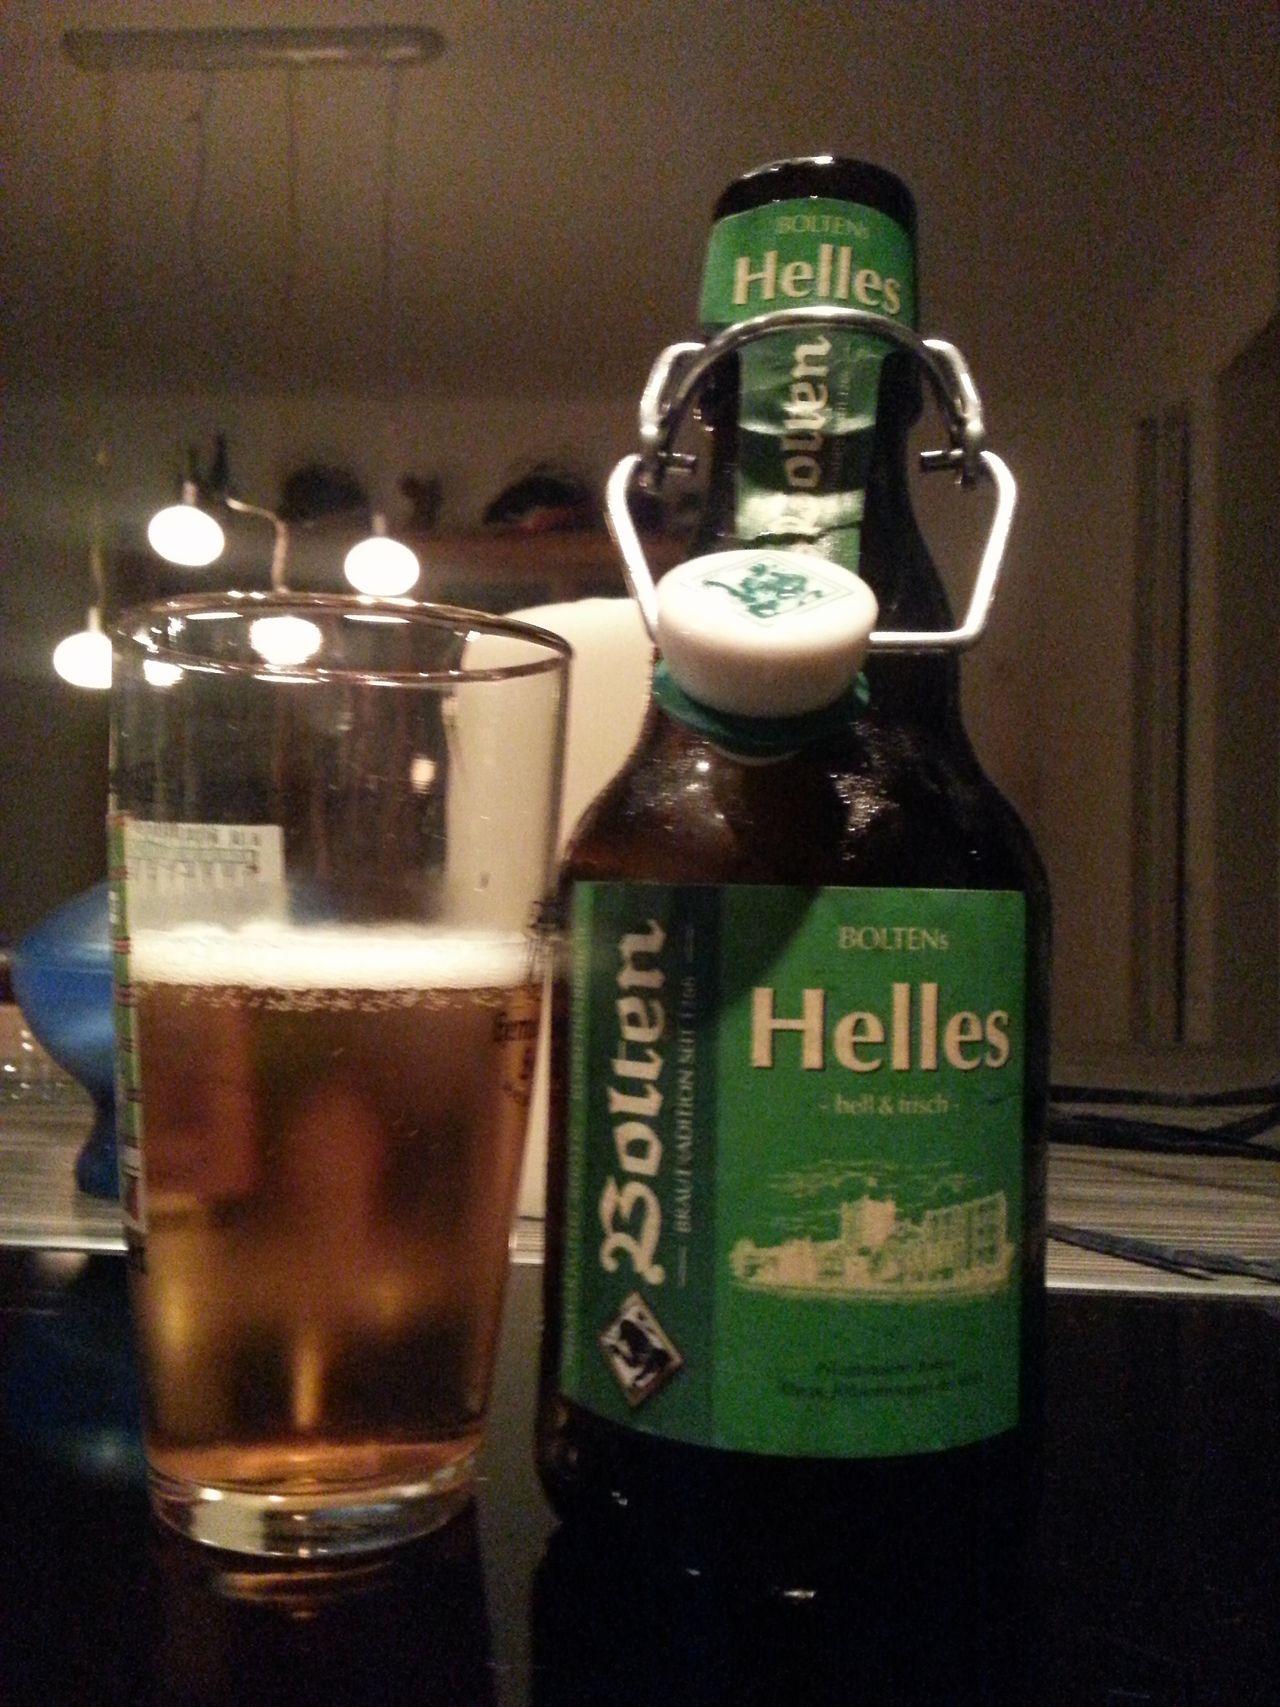 Bolten Helles. Bolten Brauerei. Korschenbroich-Neersbroich. #beer #bier